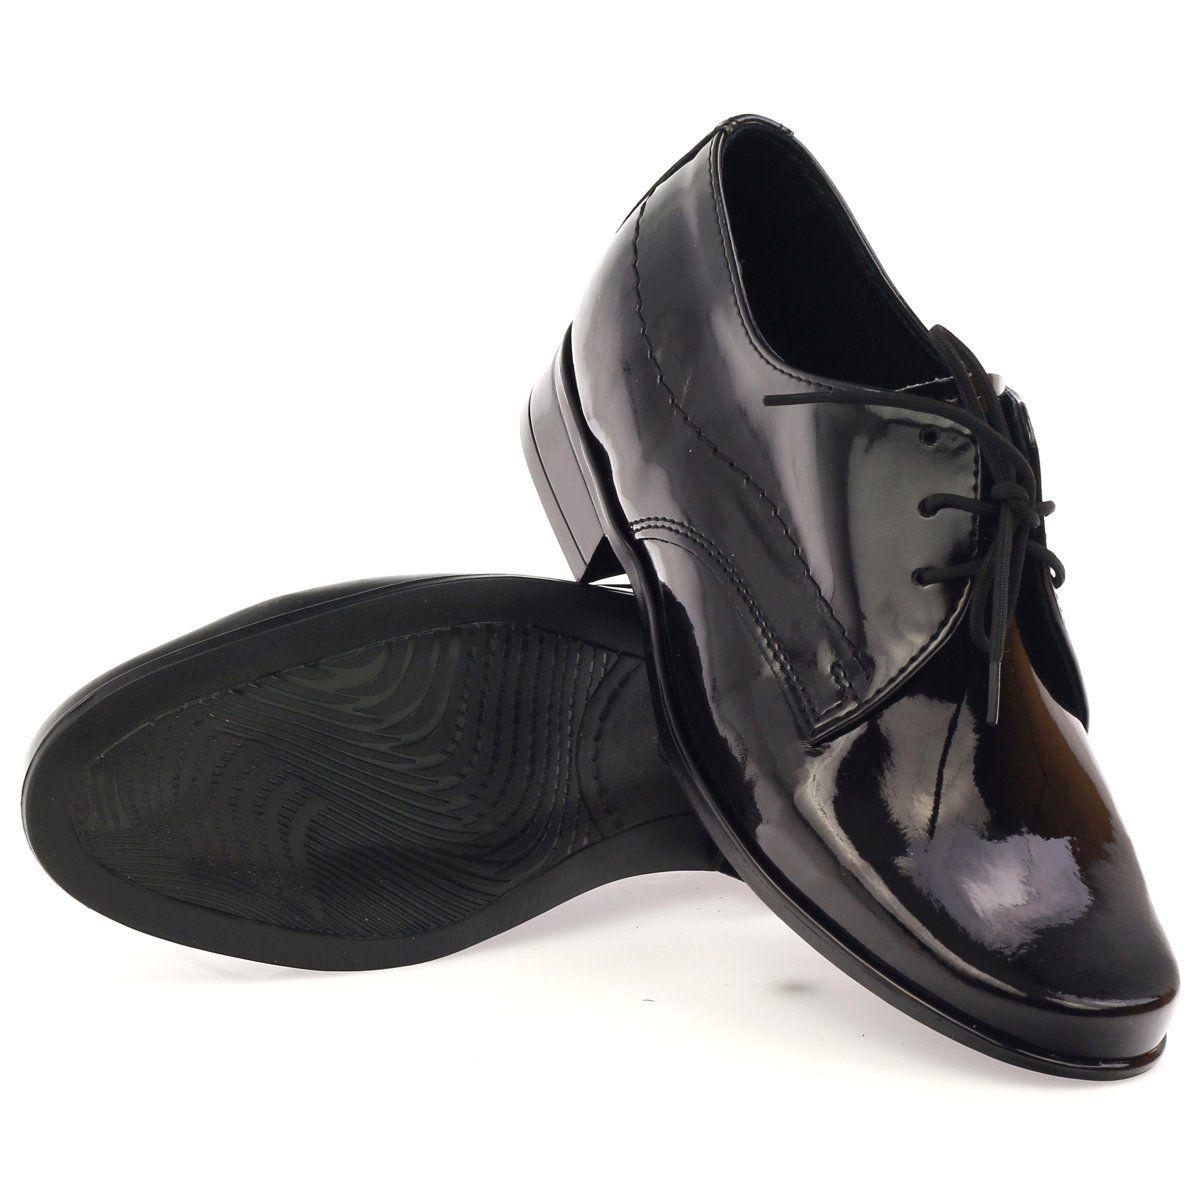 Czarne Lakierowane Buty Dzieciece Komunijne Gregors 429 Childrens Shoes Shoes Childrens Slippers